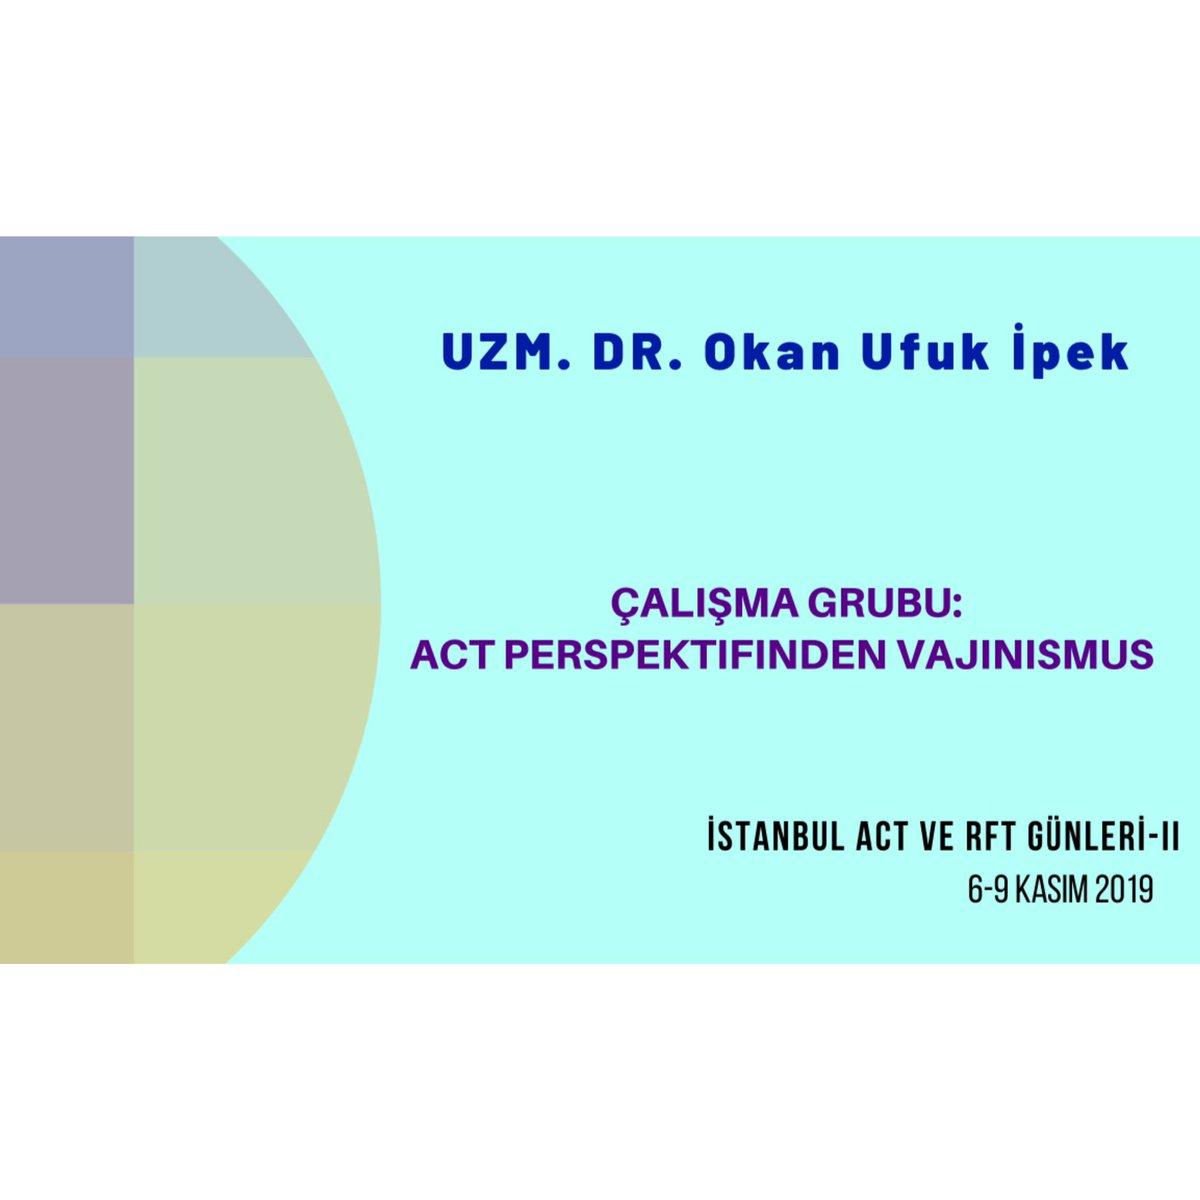 """Uzm.Dr. Okan Ufuk İpek """"ACT perspektifinden Vajinusmus"""" çalışma grubuyla ACT ve RFT Günleri-II' de ! Hepinizi bekliyoruz 🌟 Ayrıntılı bilgi için: http://www.actgunleri2019.org #act #rft #istanbul #kabulvekararlılıkterapisi #vajinismus #cinselterapi #acceptanceandcommitmenttherapy"""